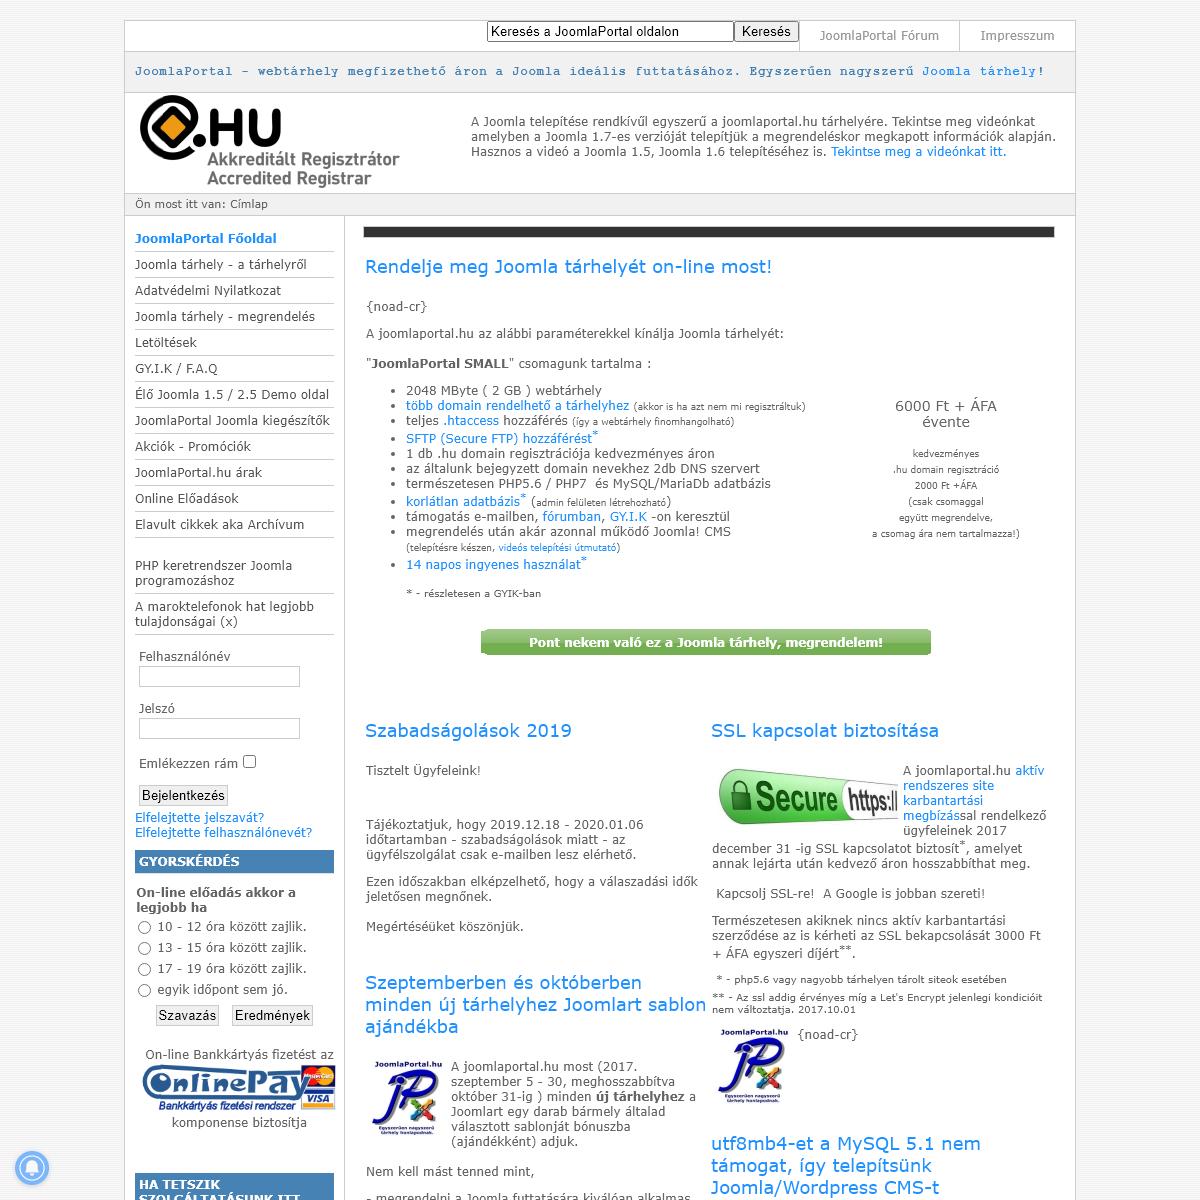 Joomla tárhely egyszerűen nagyszerű, on-line .hu domain befoglalással. - - 2 GB -os Joomla tárhely nettó 6000 Ft -év áro